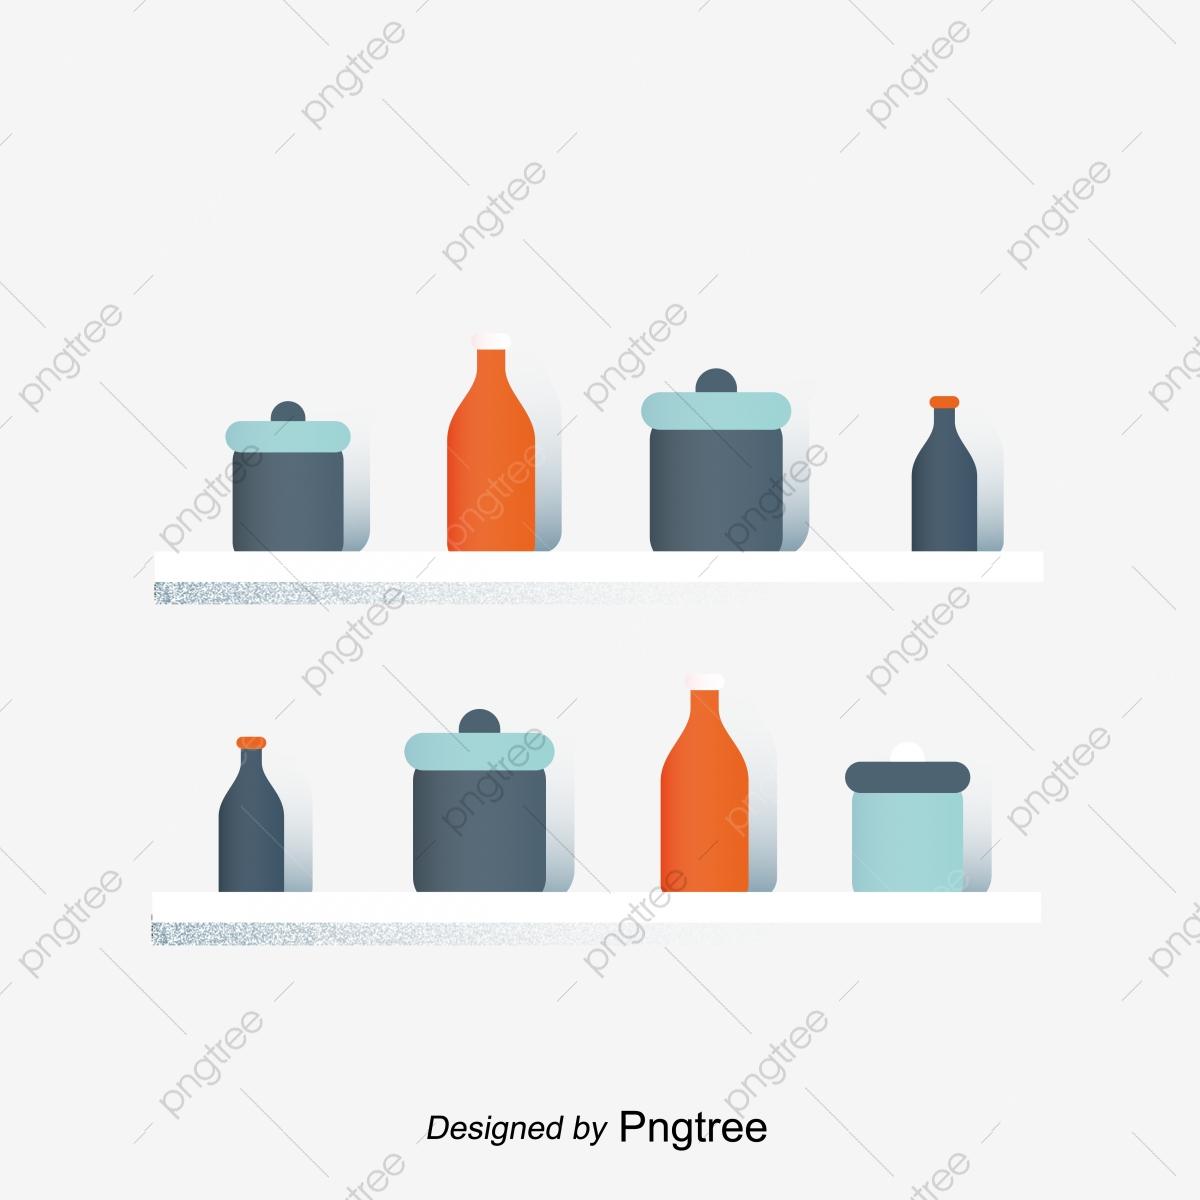 étagère Condiments étagère De Condiments CuisineCuisinePlacageCondiment CuisineCuisinePlacageCondiment étagère De Condiments De 0OyN8Pmnwv